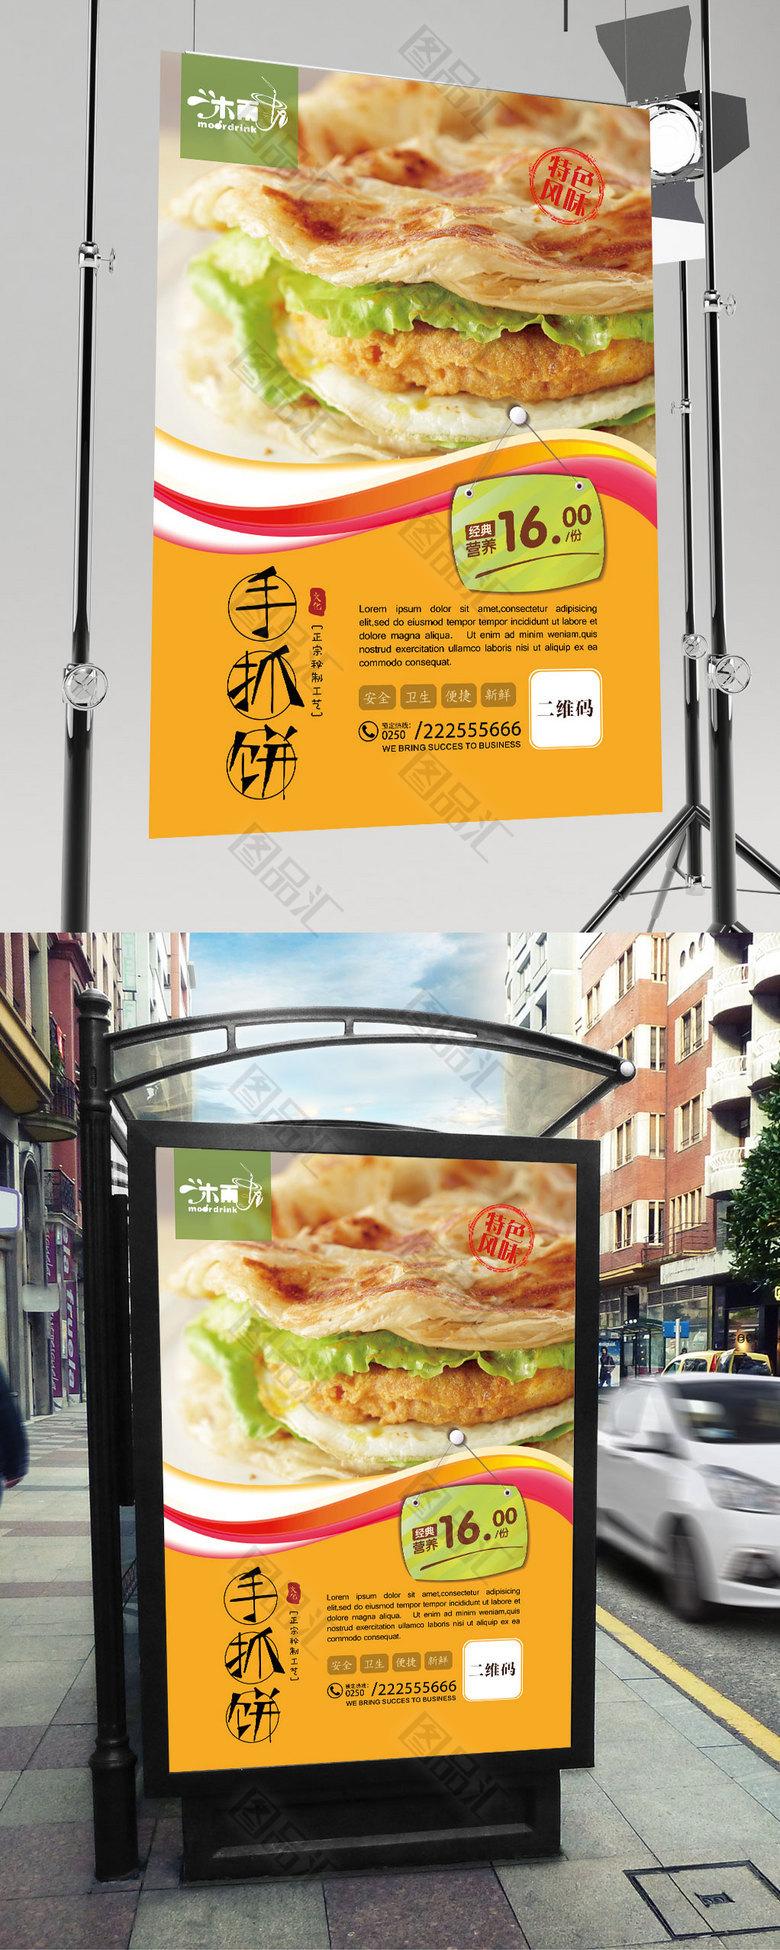 精美手抓饼海报设计德国机械v机械手册图片